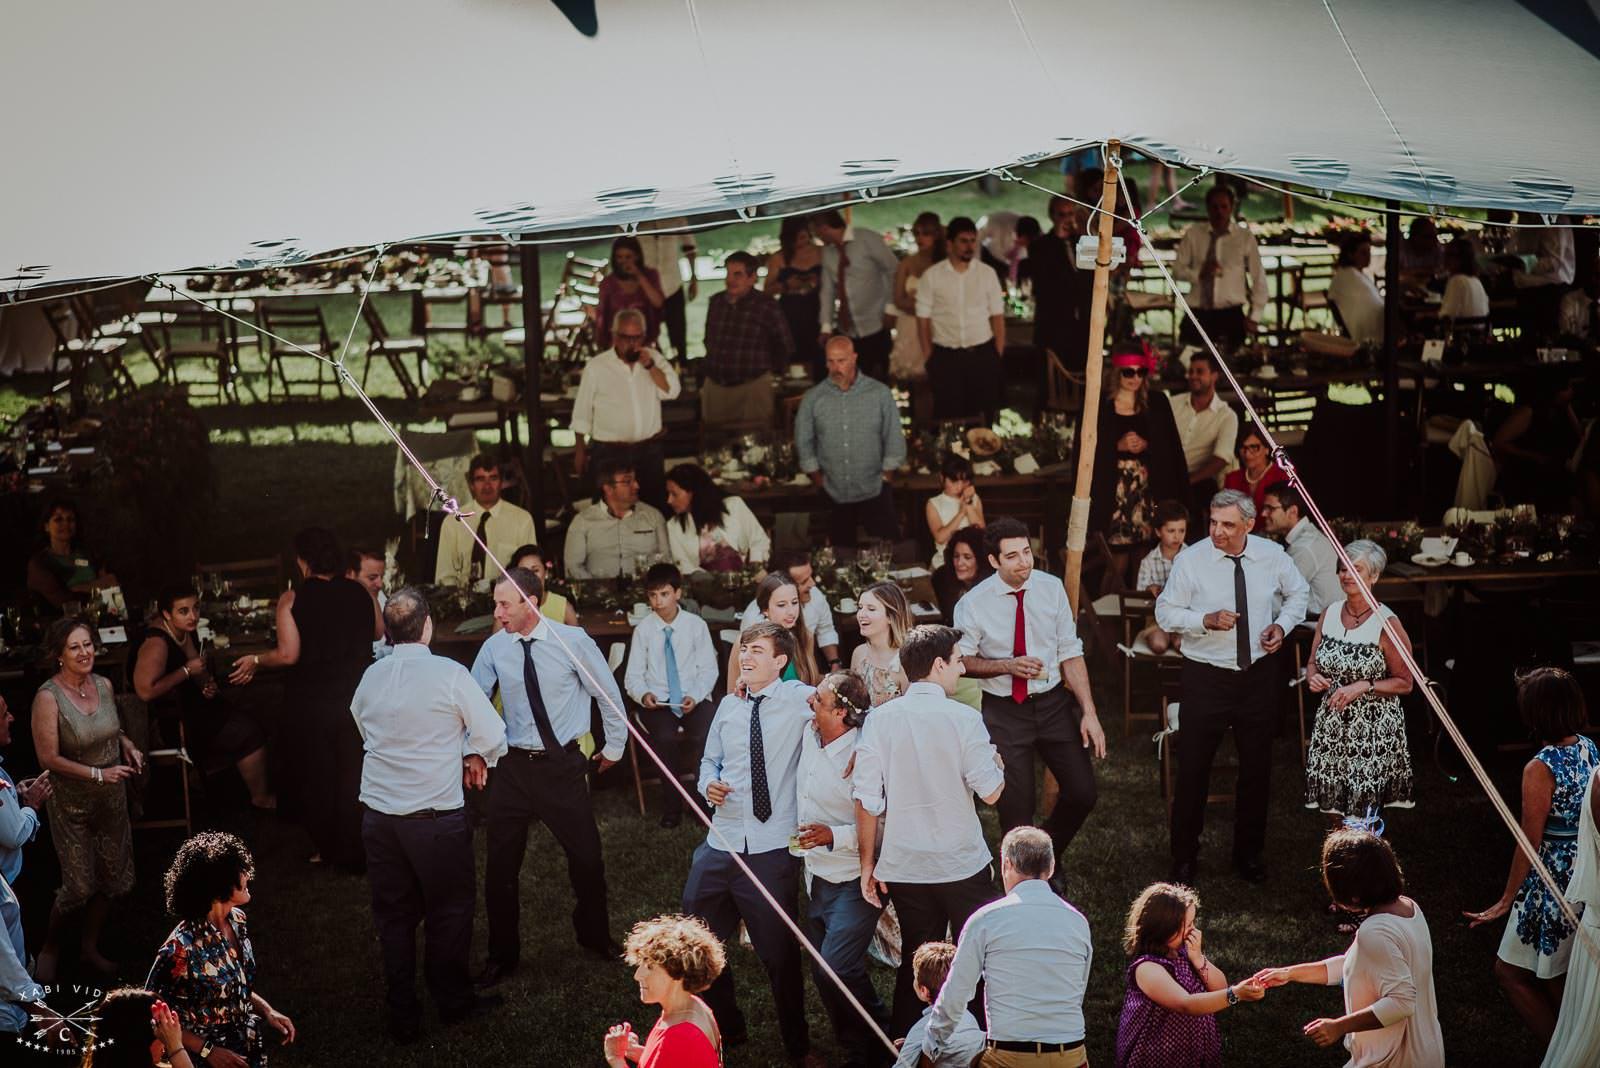 fotografo de bodas en bilbao-150.1